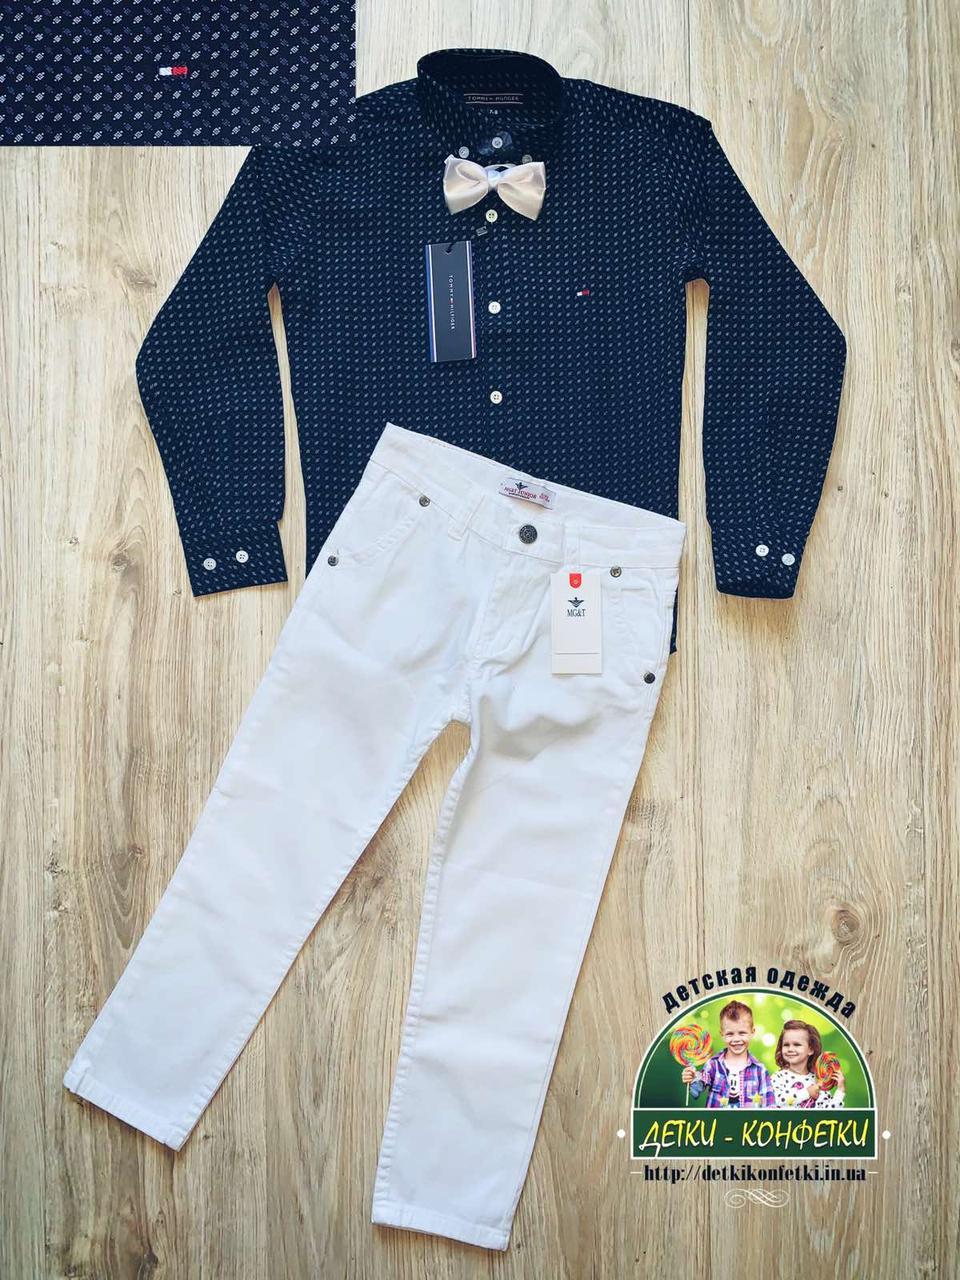 Нарядный комплект темно-синяя рубашка с бабочкой и белые брюки для мальчика 5-6 лет